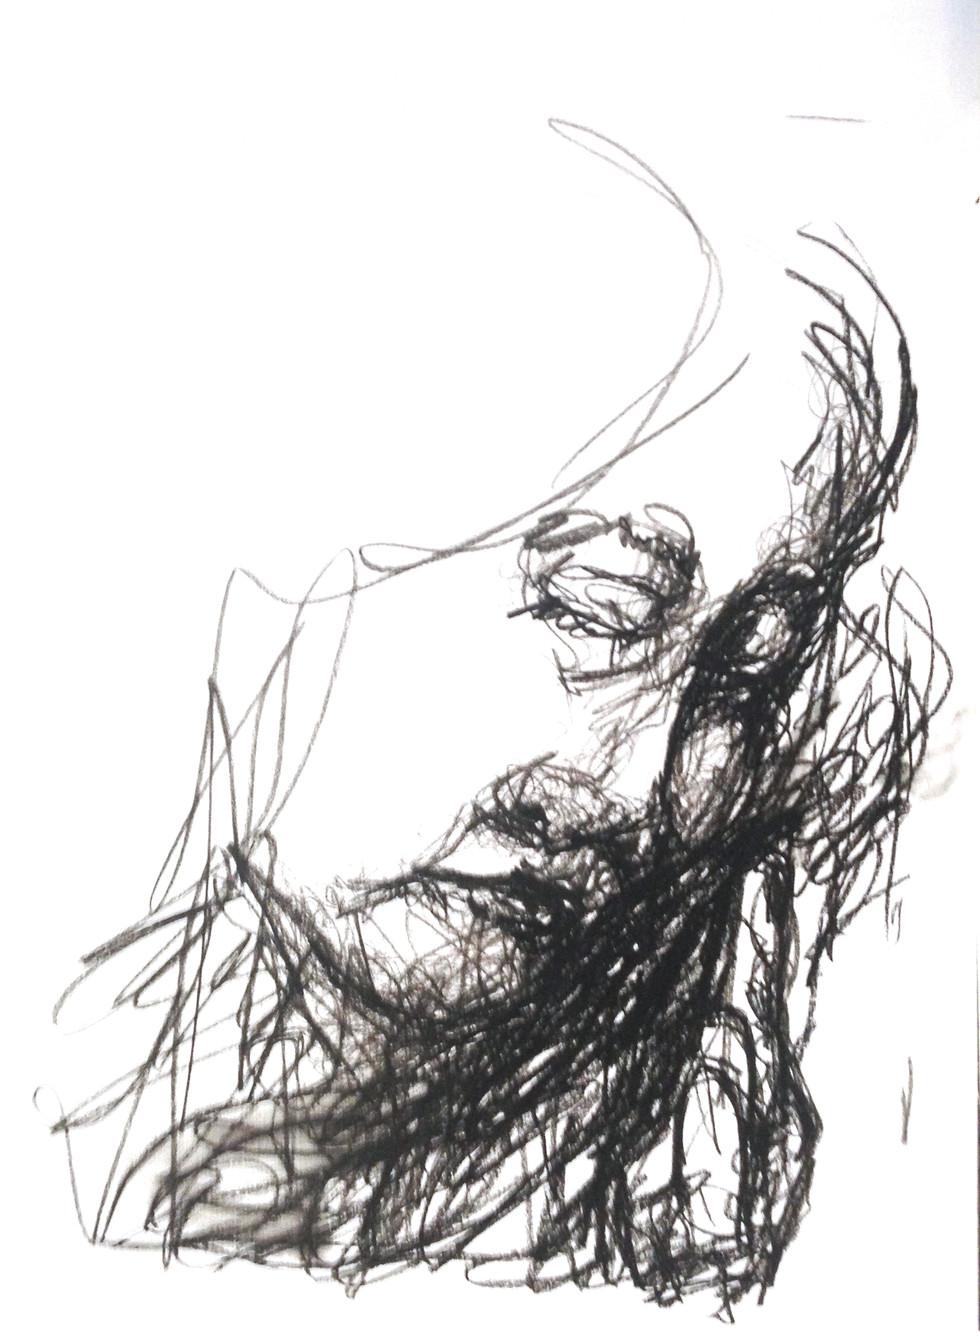 Theresa Berger